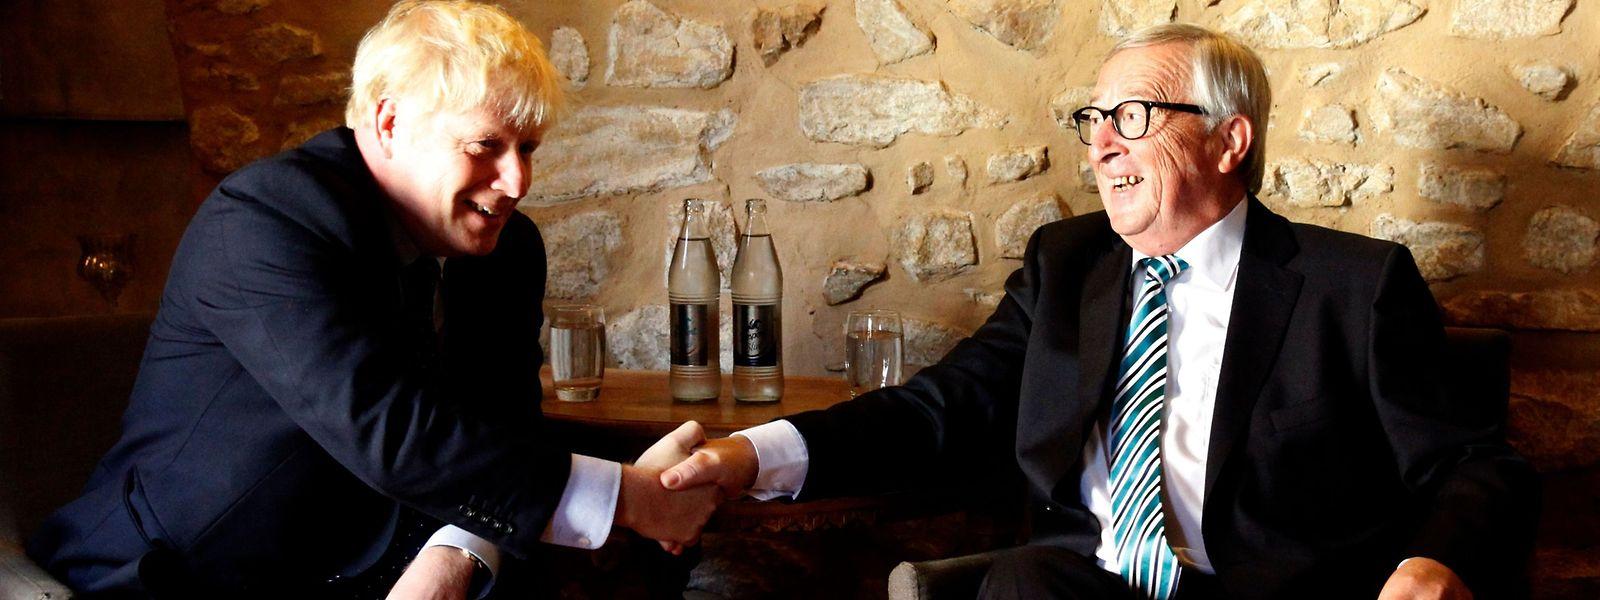 Boris Johnson und Jean-Claude Juncker bei ihrem Treffen am Montag in einem Restaurant in Luxemburg.